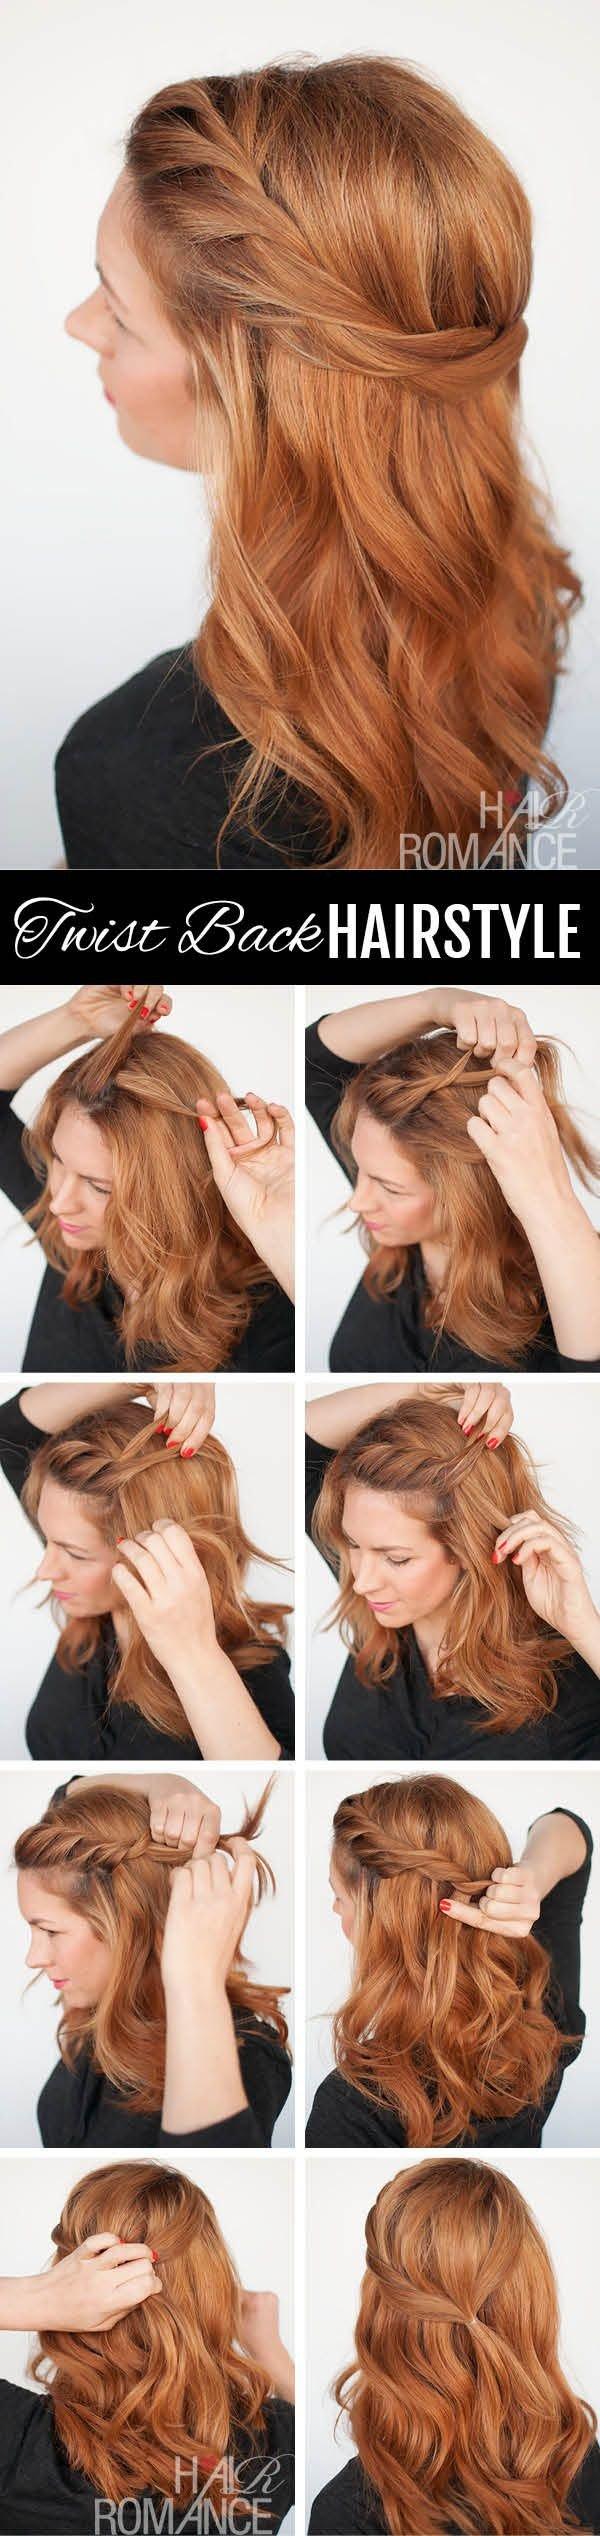 hair,brown,hairstyle,fur,wood,